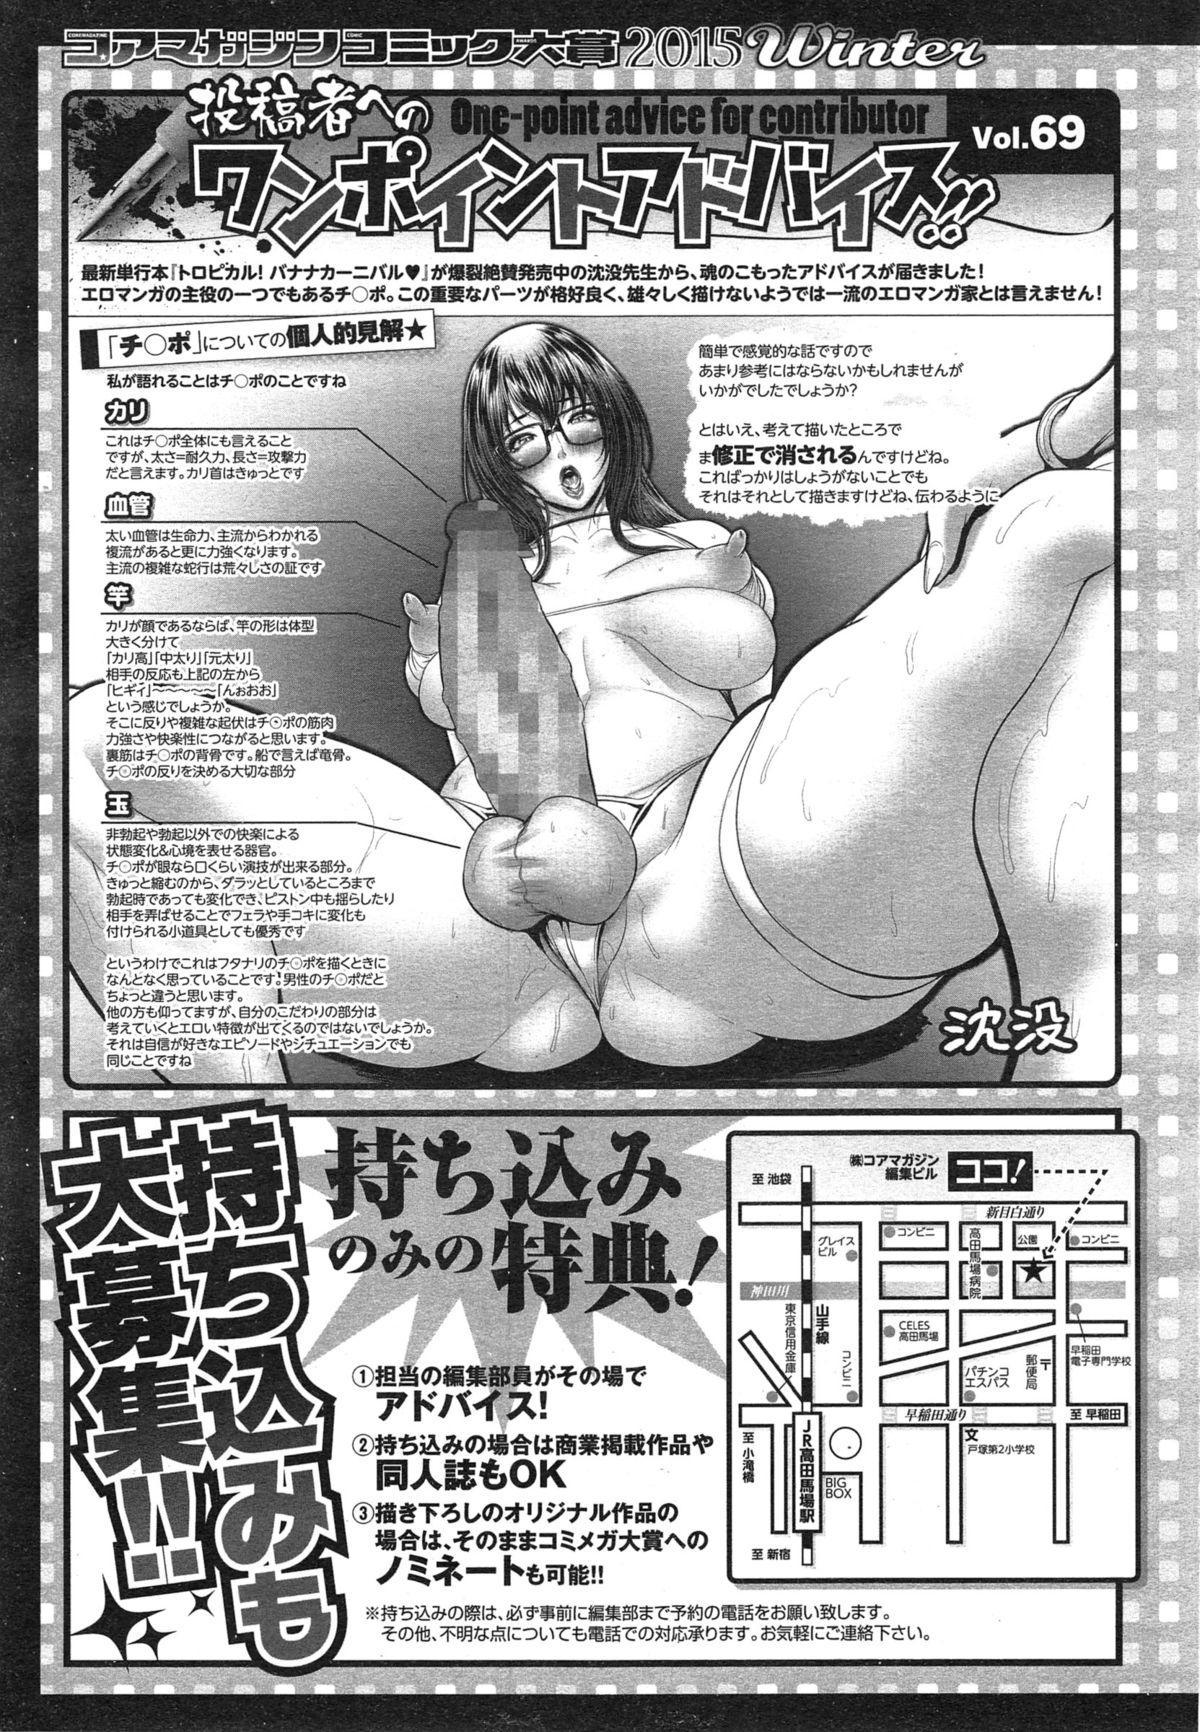 COMIC Megastore Alpha 2015-01 538